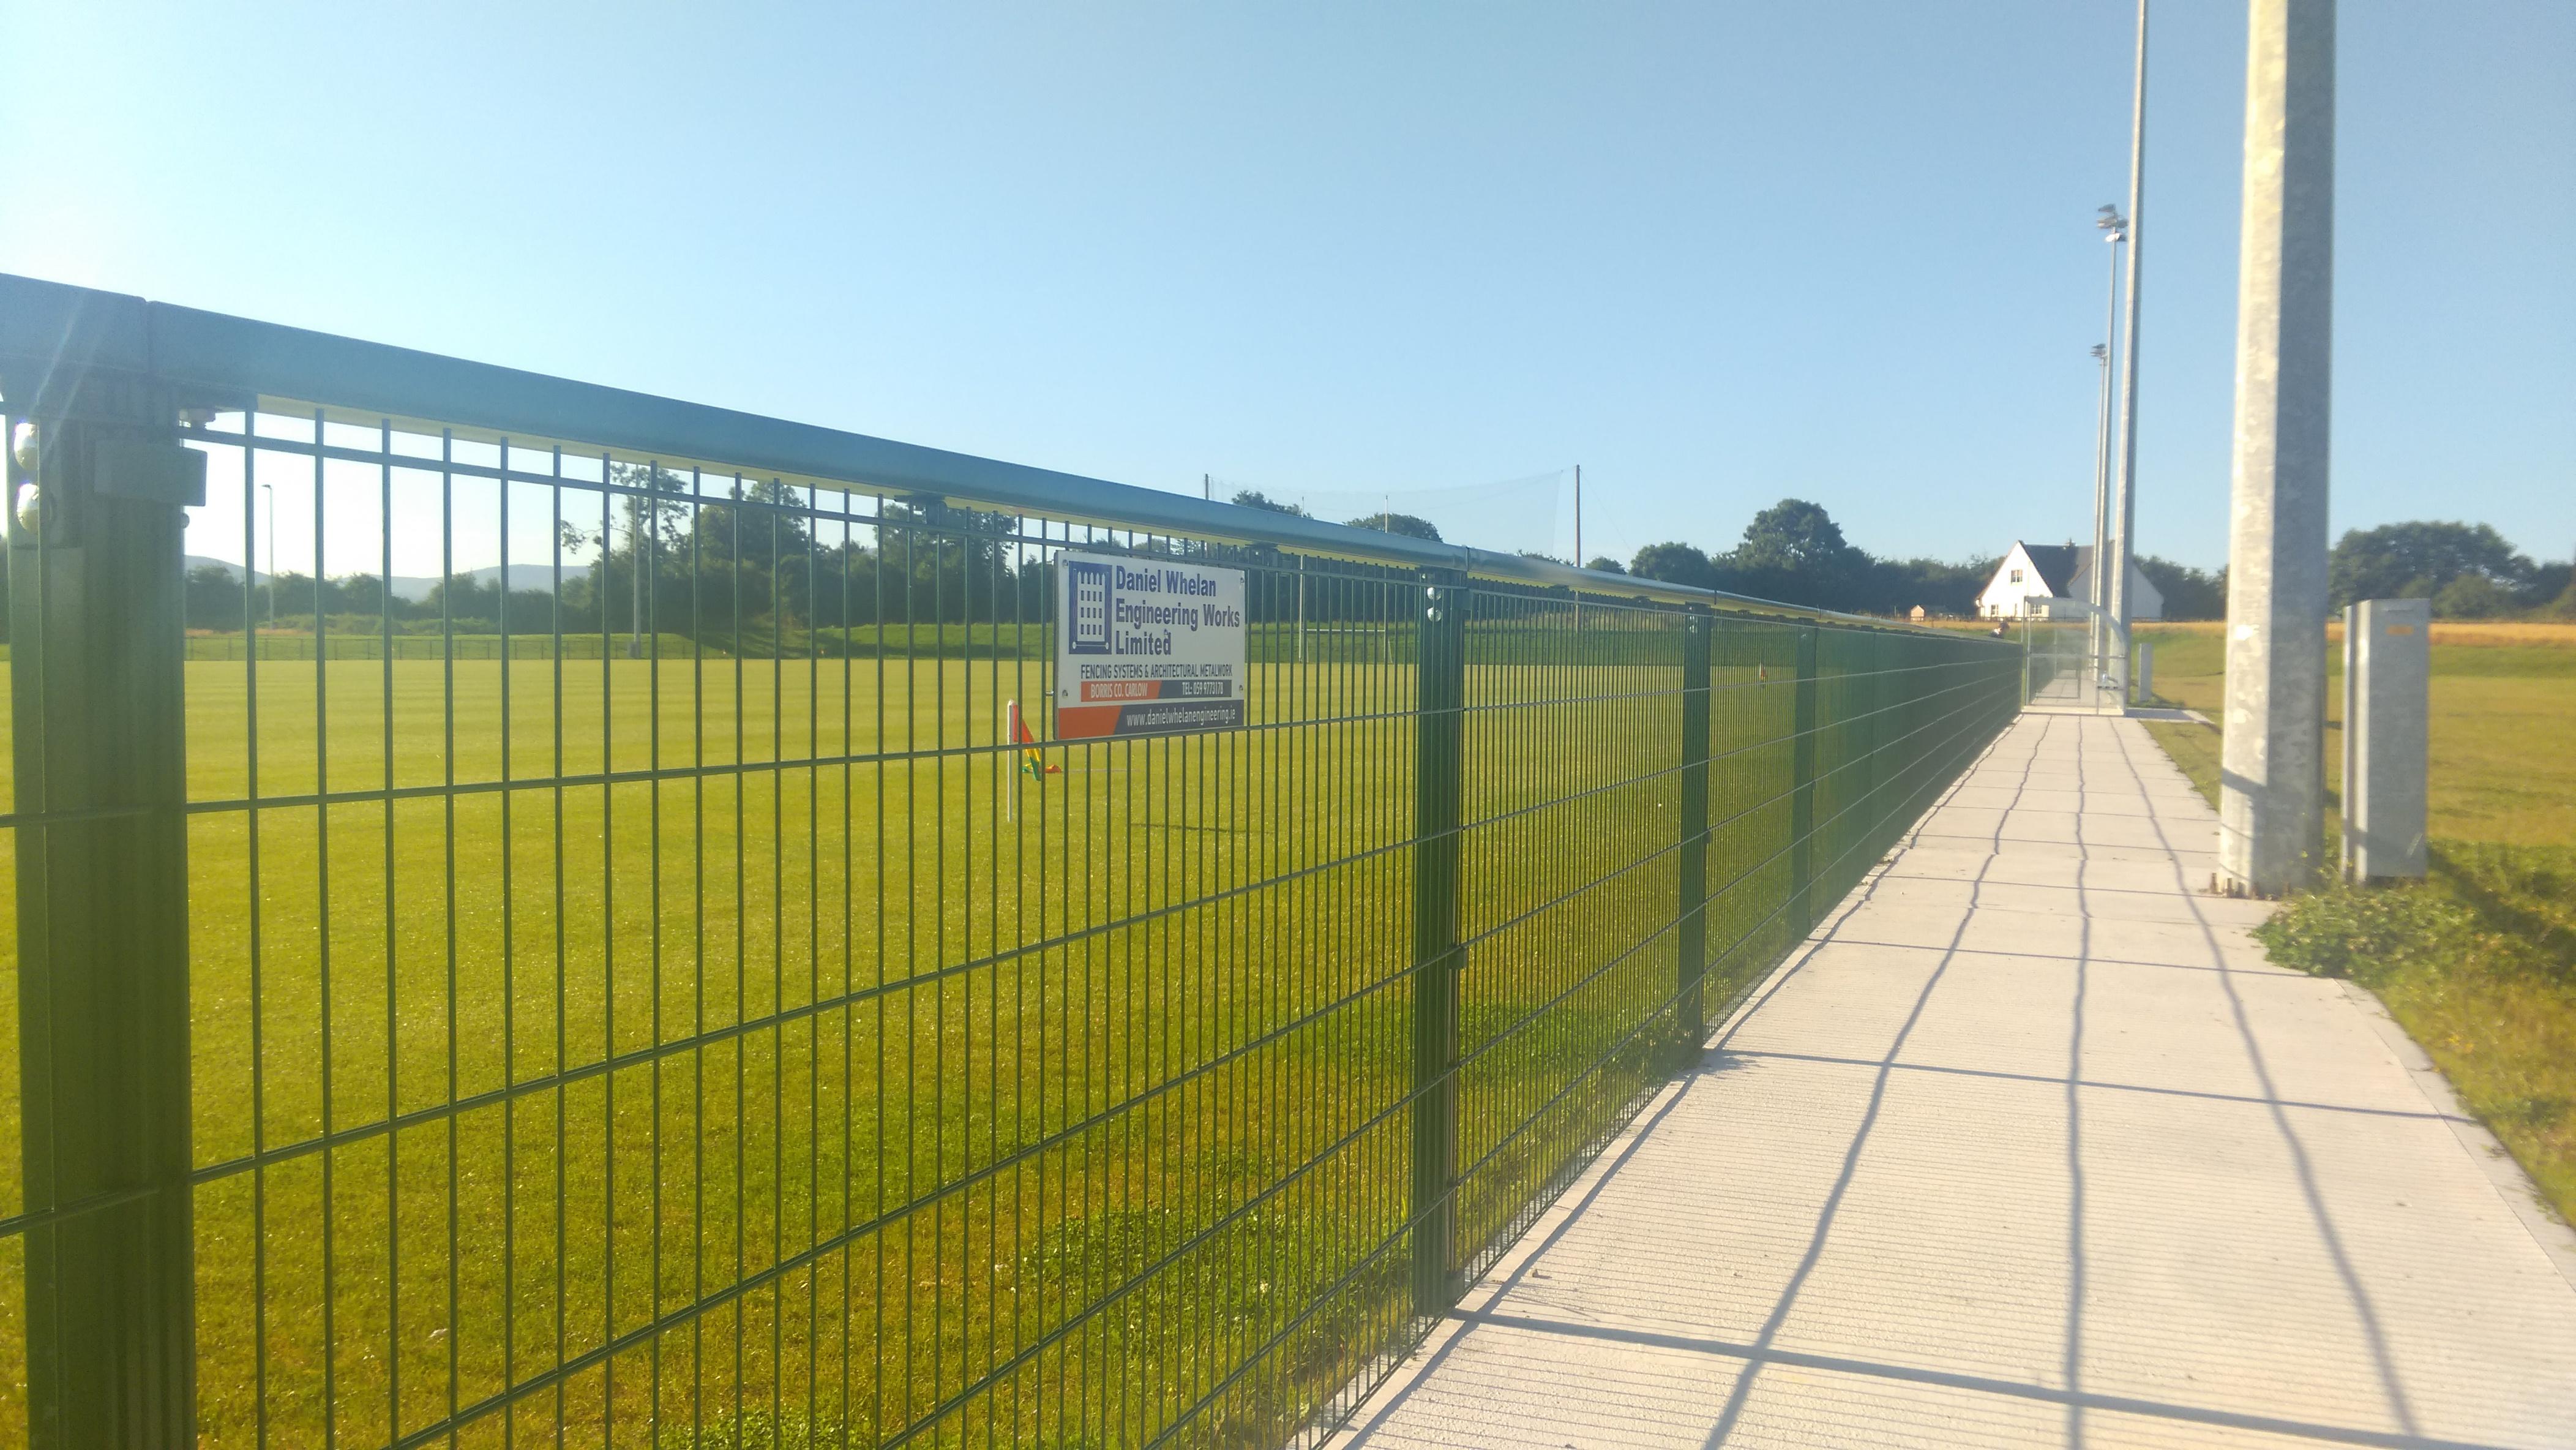 Irish fencing, fencing supplier, mesh fencing, security fencing, fencing supplier, fencing installer